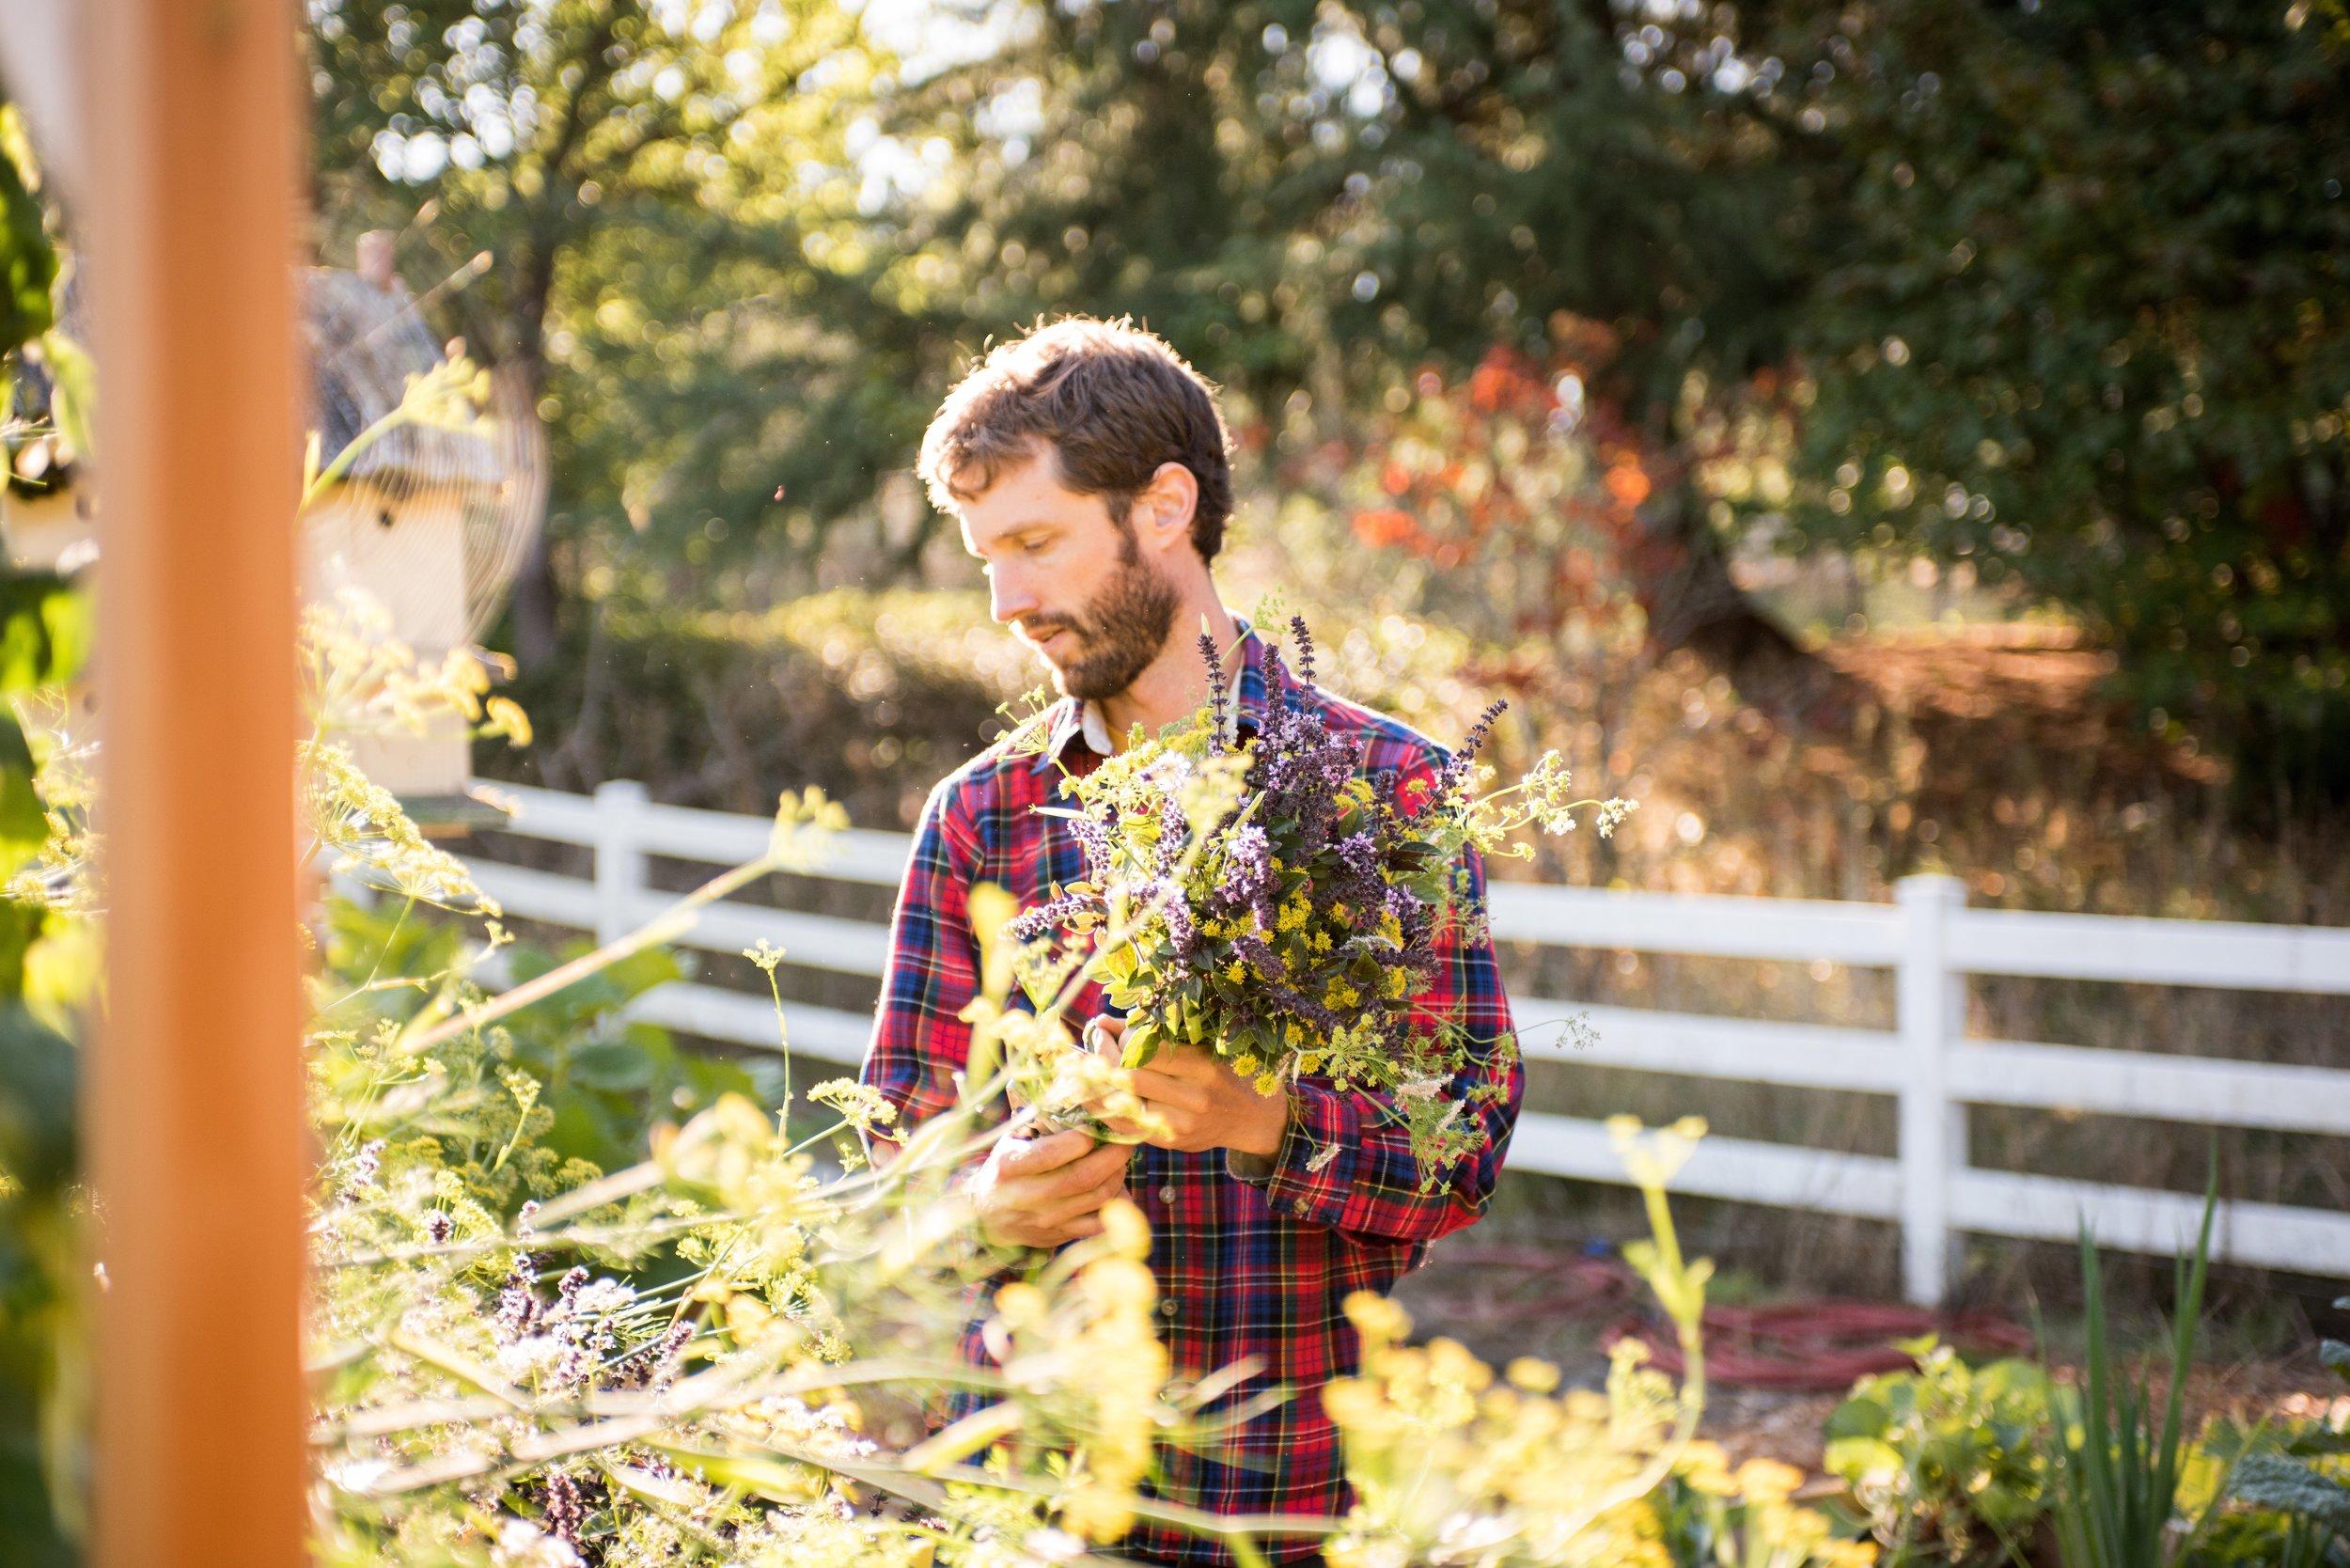 Portland_Edible_Gardens_5864.jpg